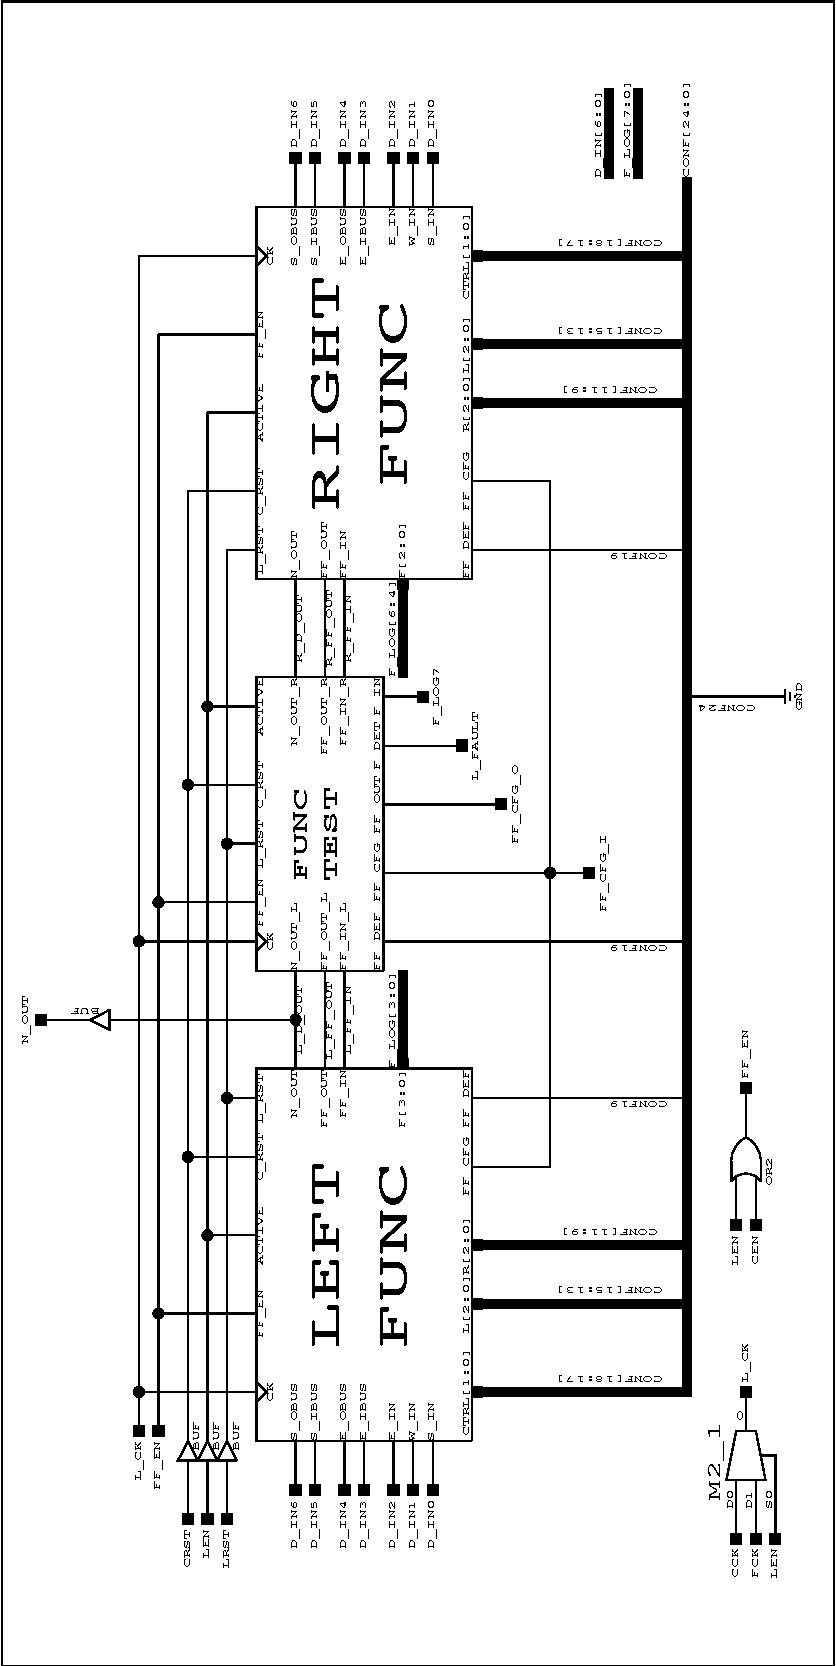 figure B-9